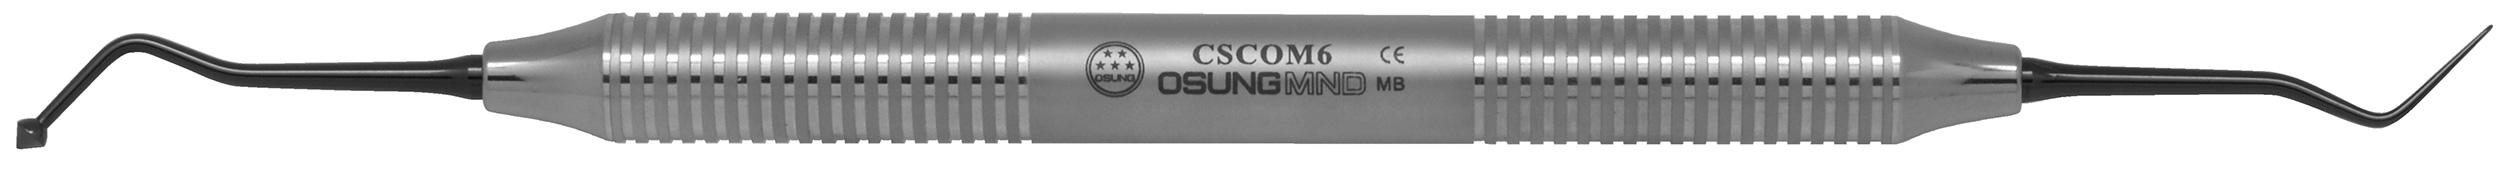 CSCOM6